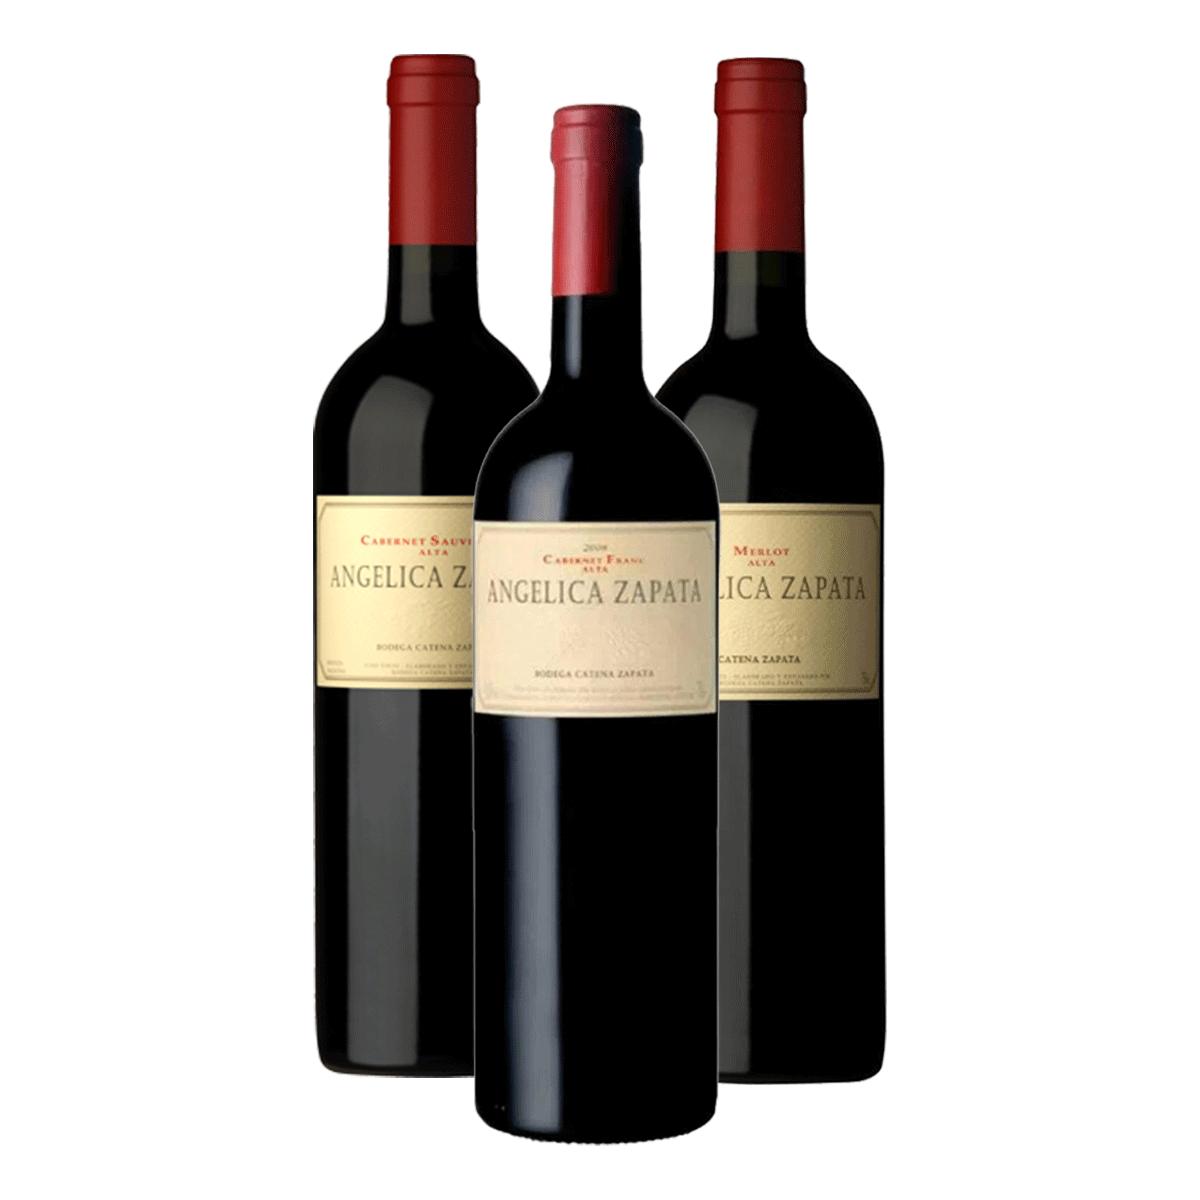 Kit 3 Vinhos Angelica Zapata 750ml (Merlot, Cabernet Sauvignon e Cabernet Franc)